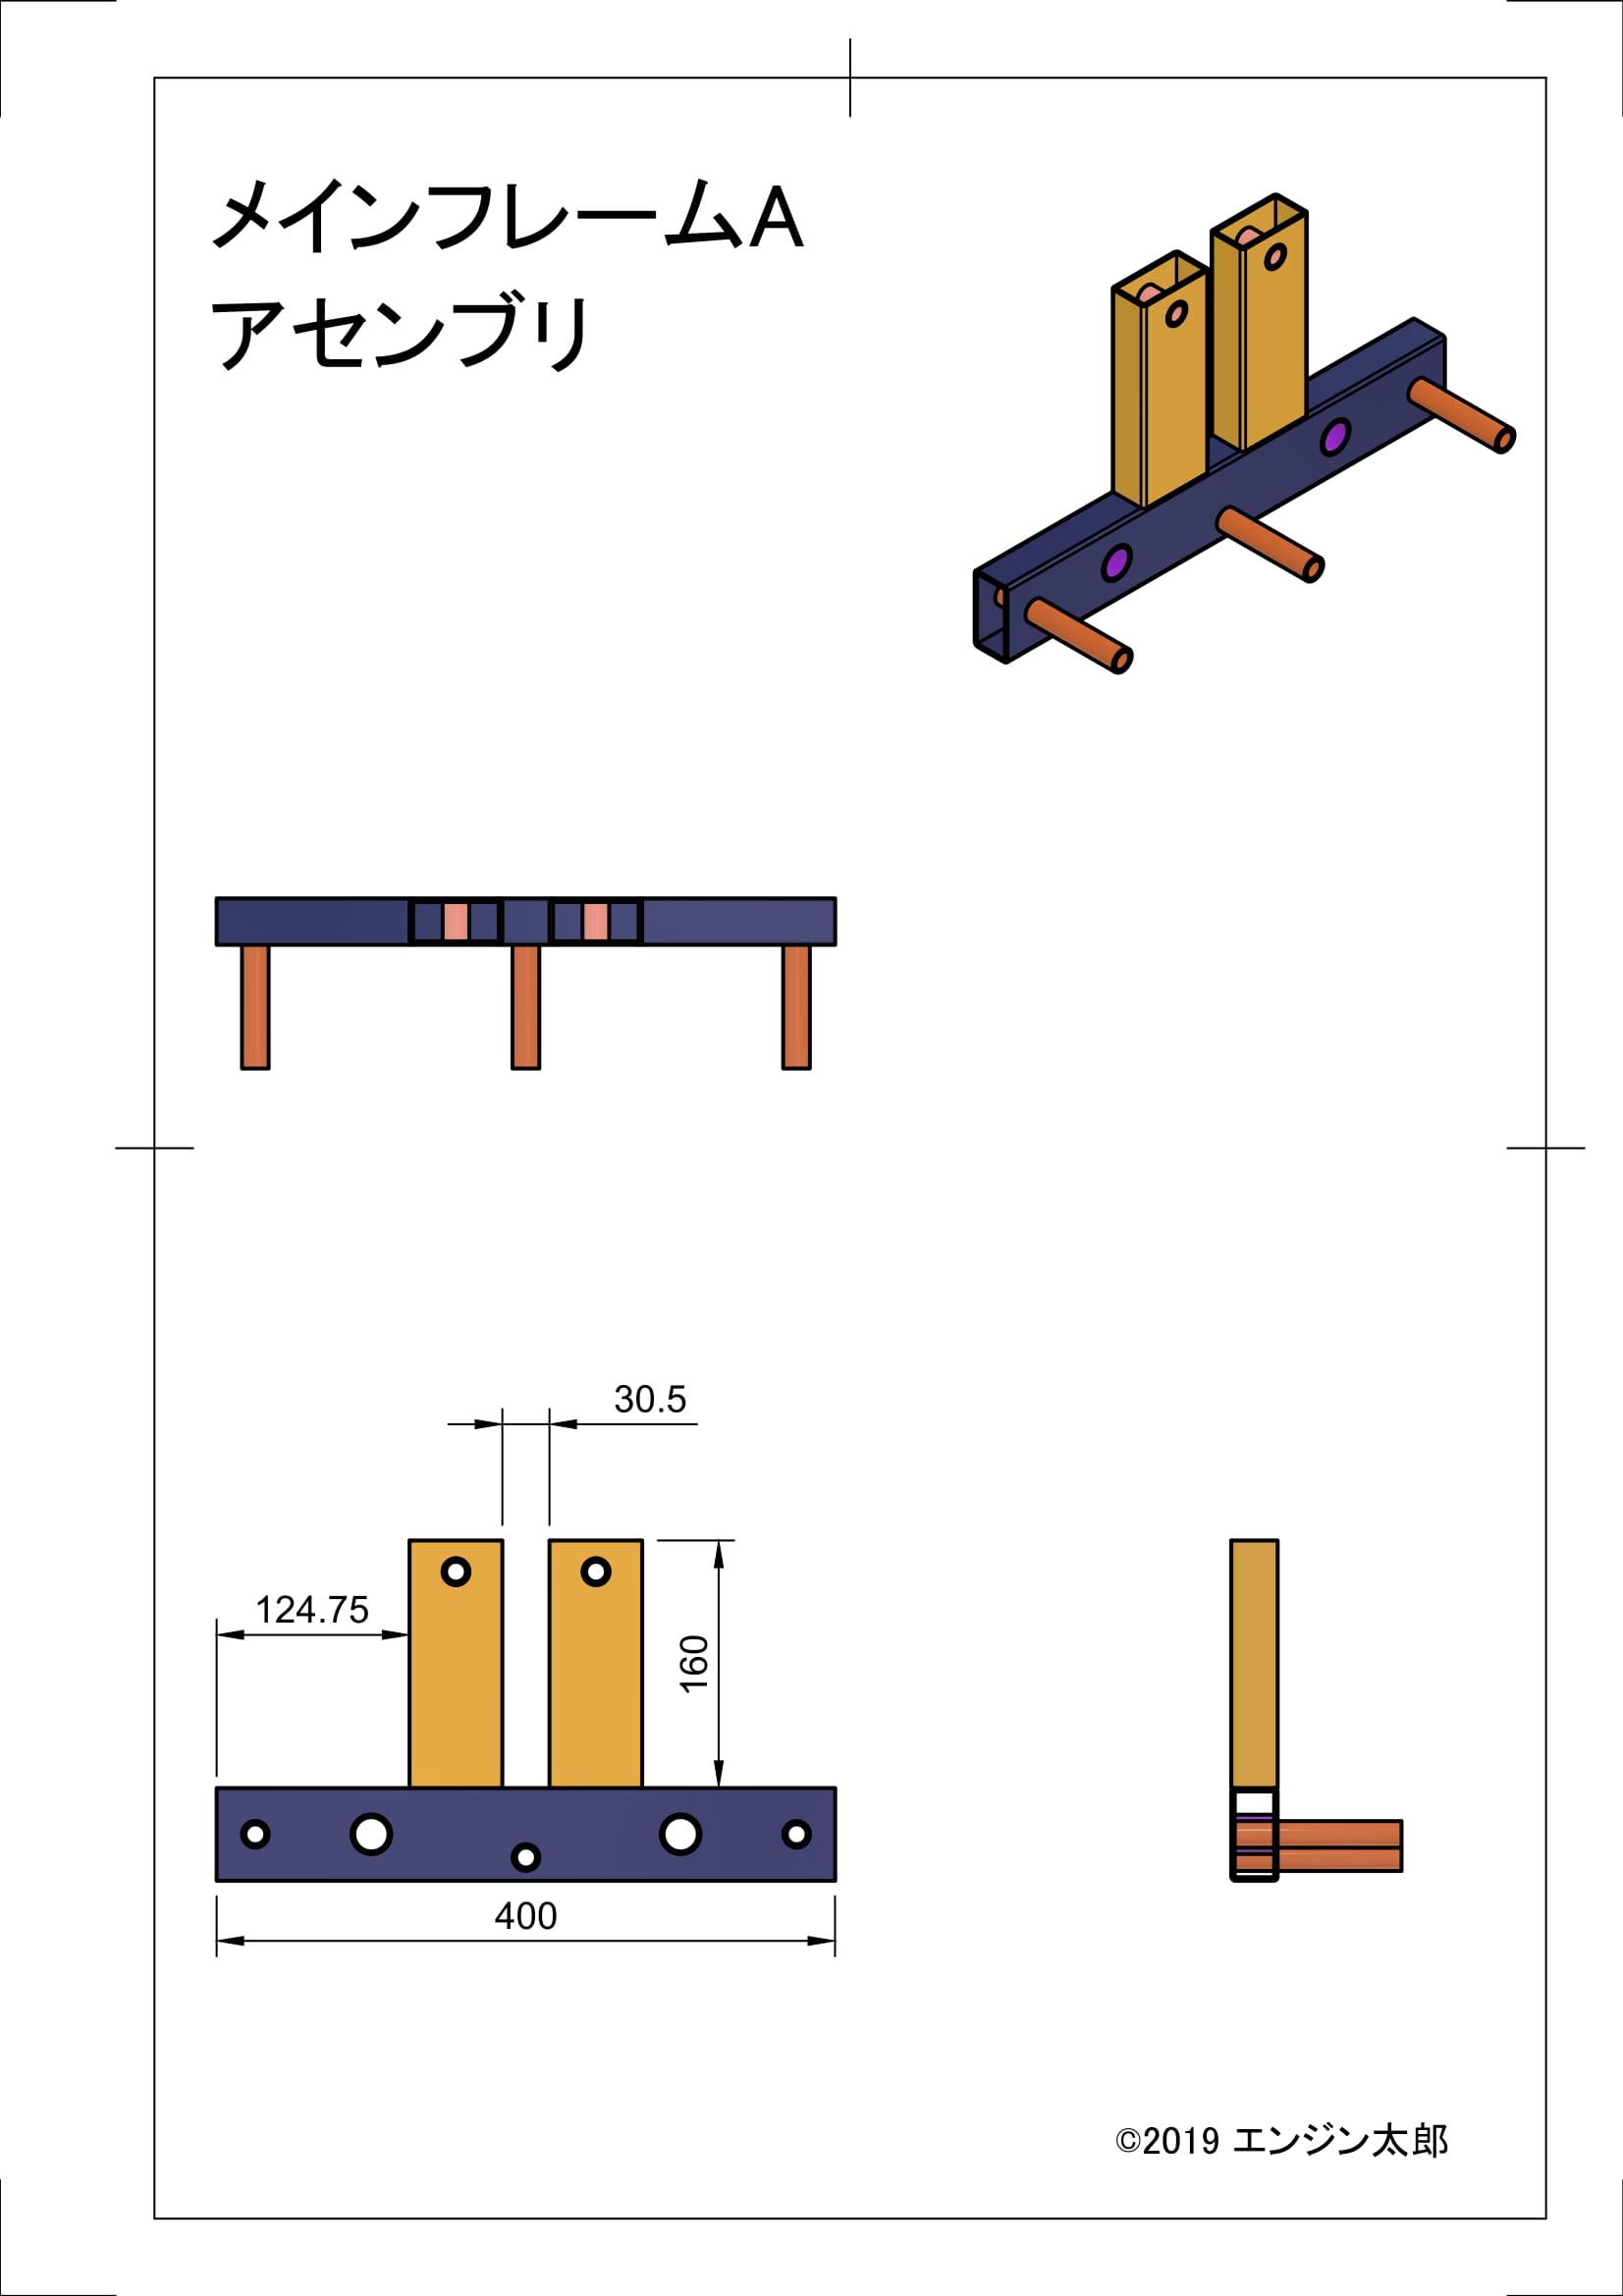 3チューブローラー2_メインフレームAアセンブリ -1